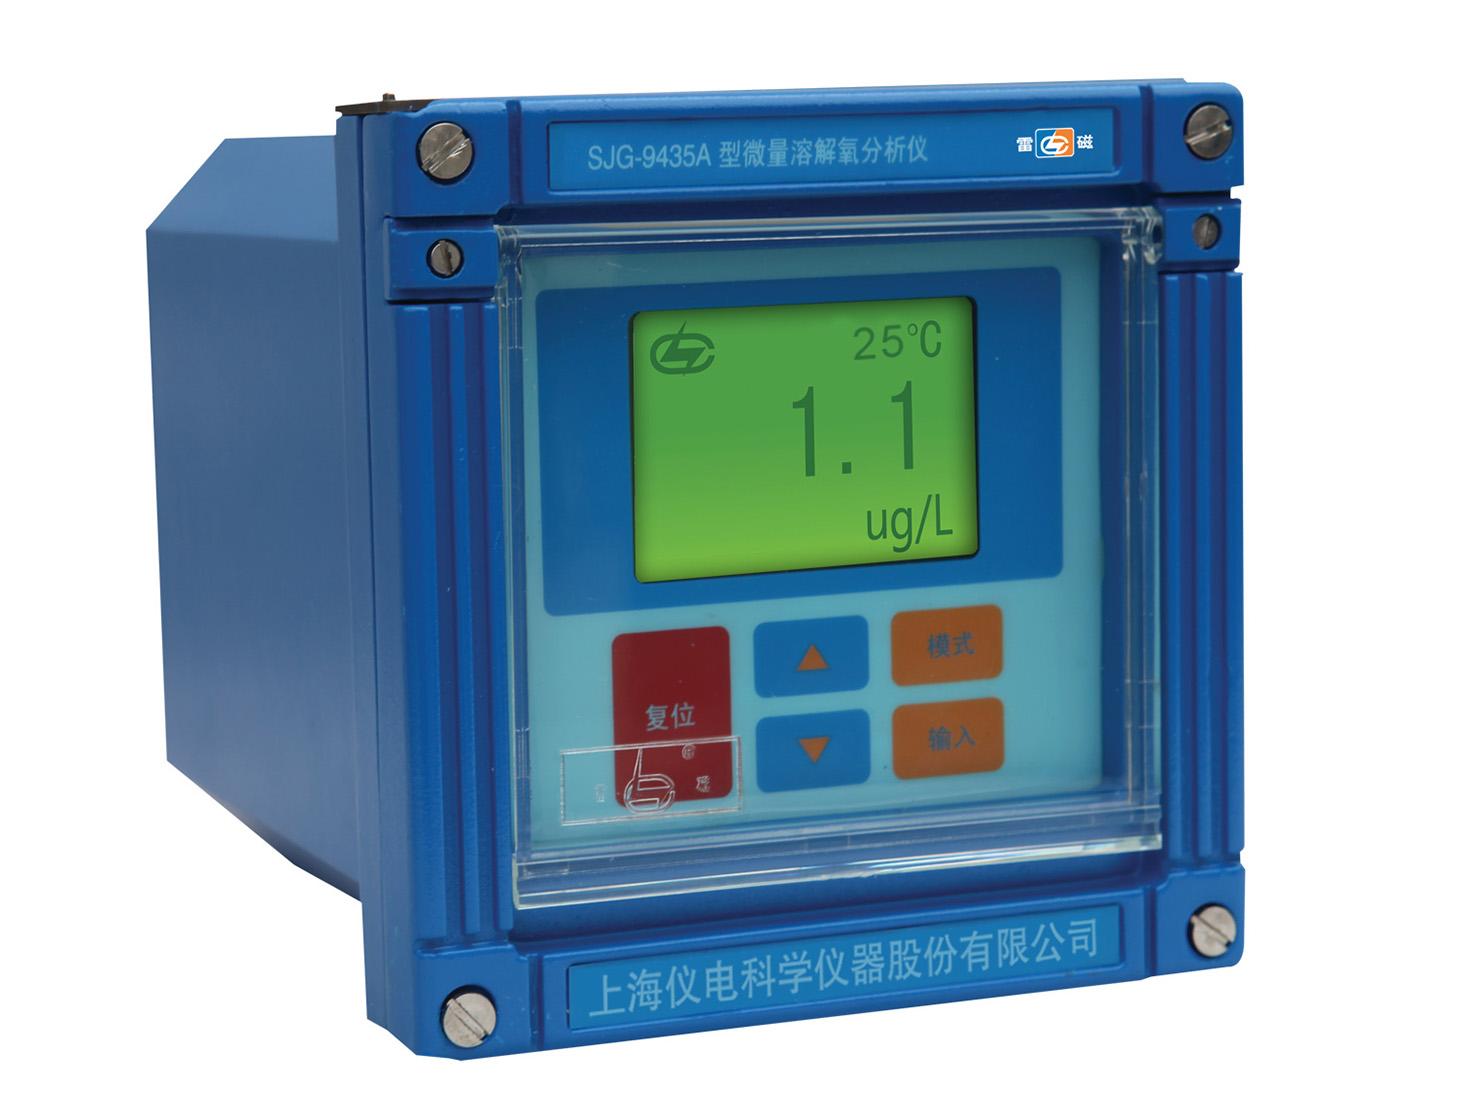 雷磁微量溶解氧分析仪SJG-9435A型